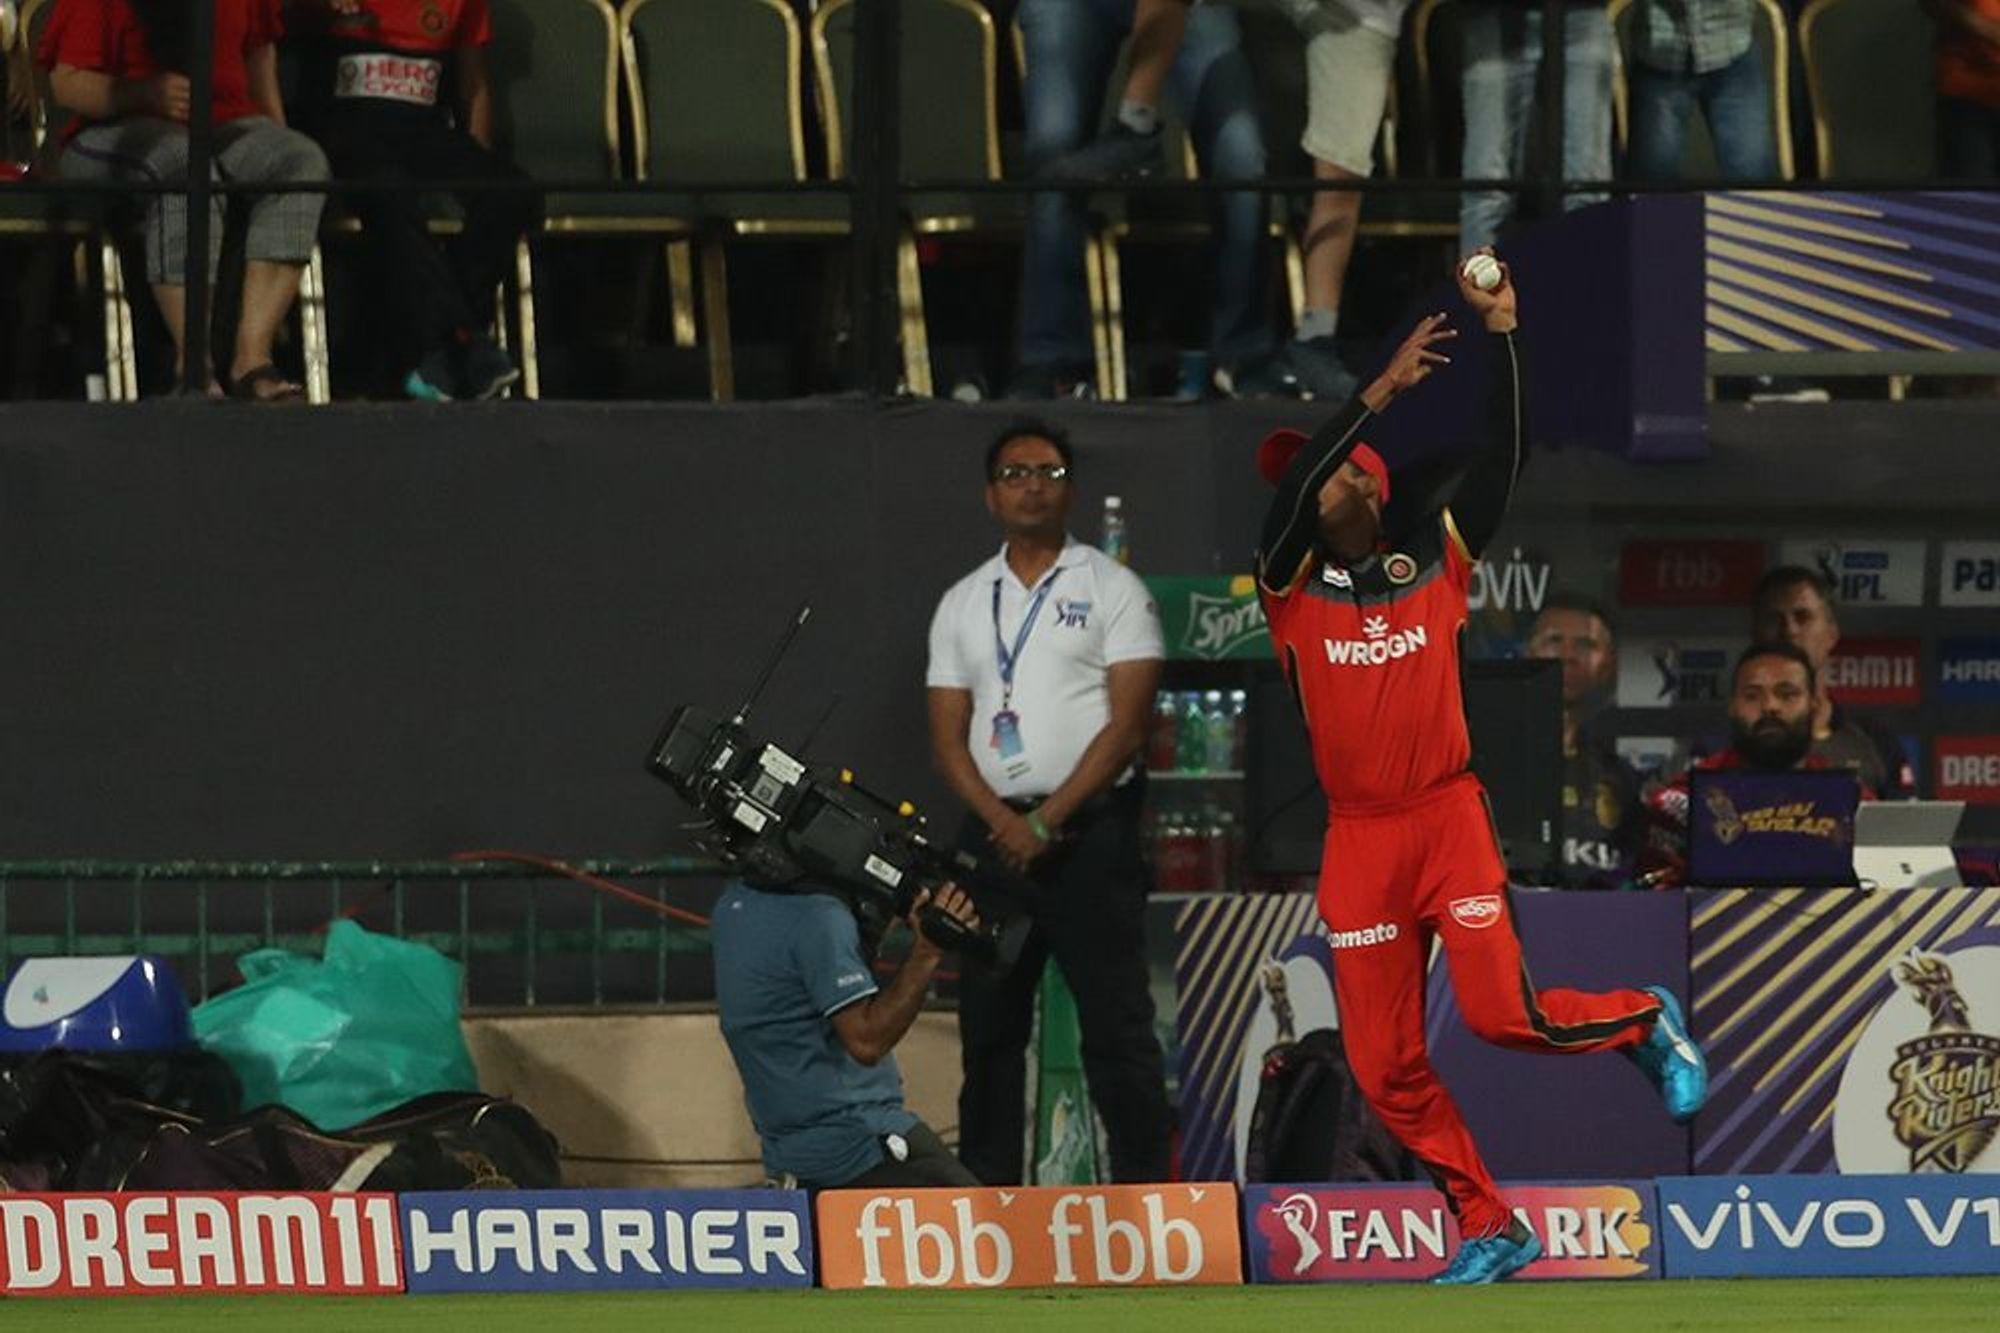 WATCH : सुपरमैन बन, पवन नेगी ने पकड़ा अपने करियर का सबसे शानदार कैच 21